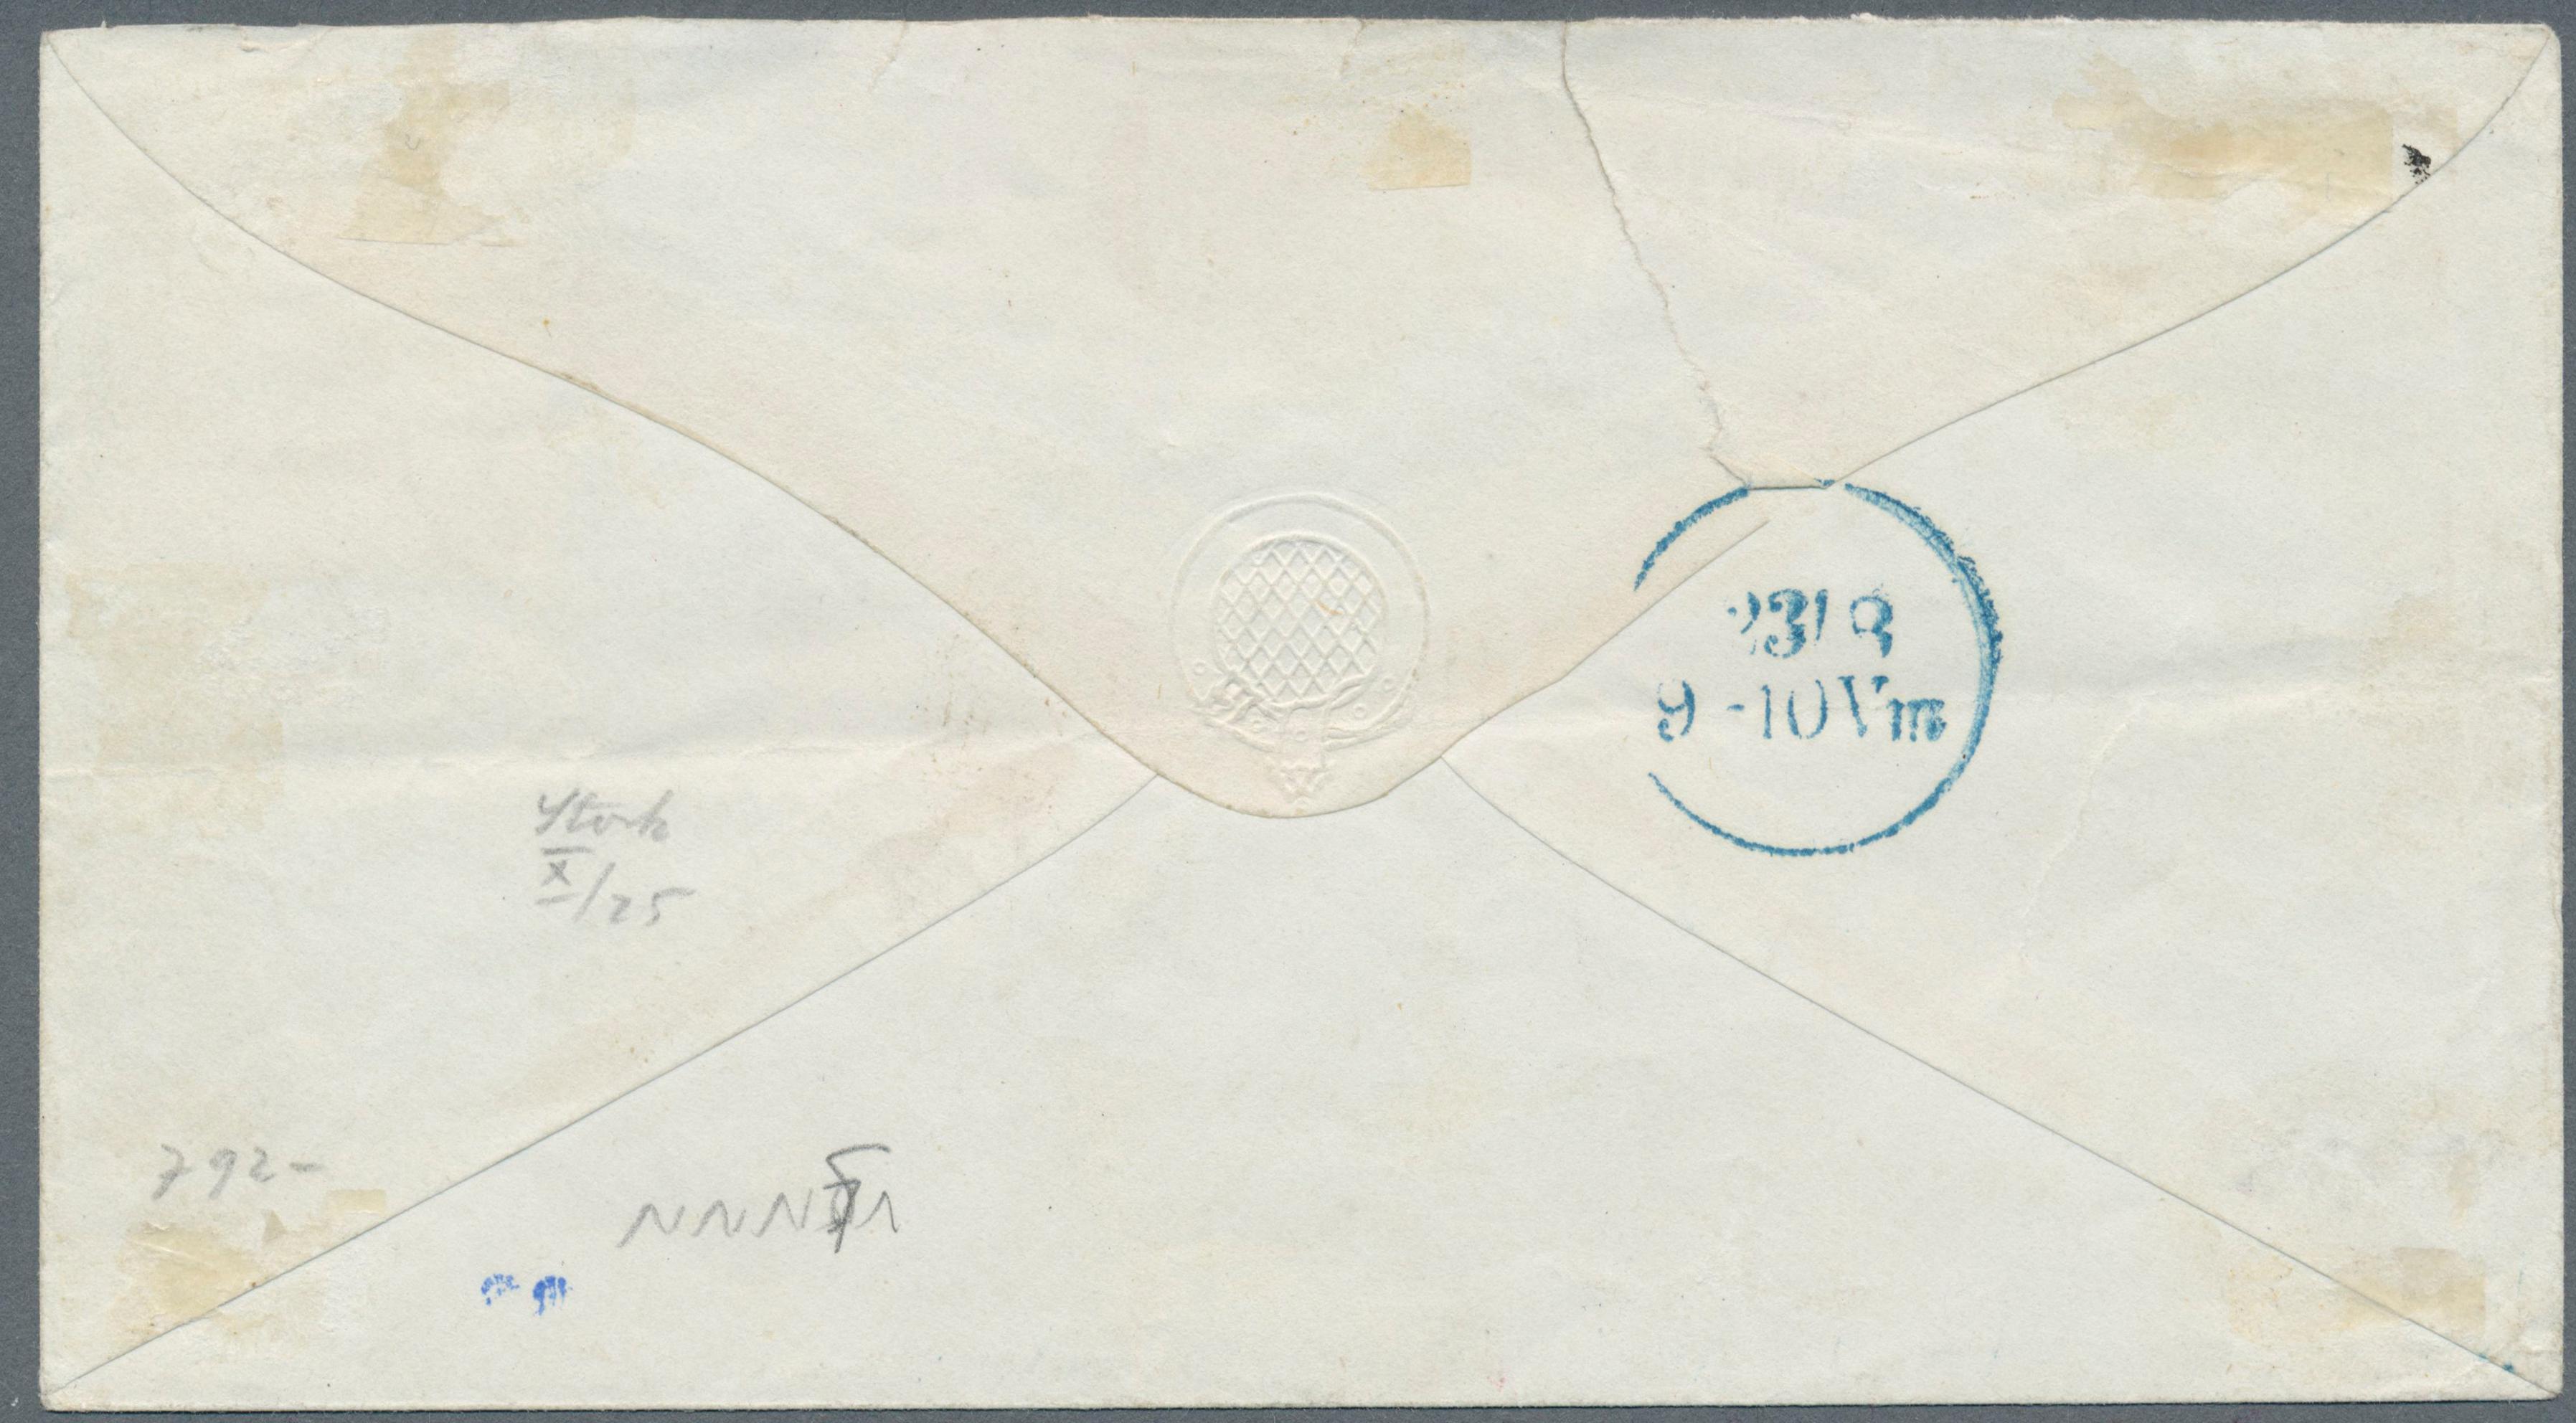 7 Raritäten Und Sammelbriefe Deutschland Diverse Philatelie Briefmarken ..... Neu Und Vollständig